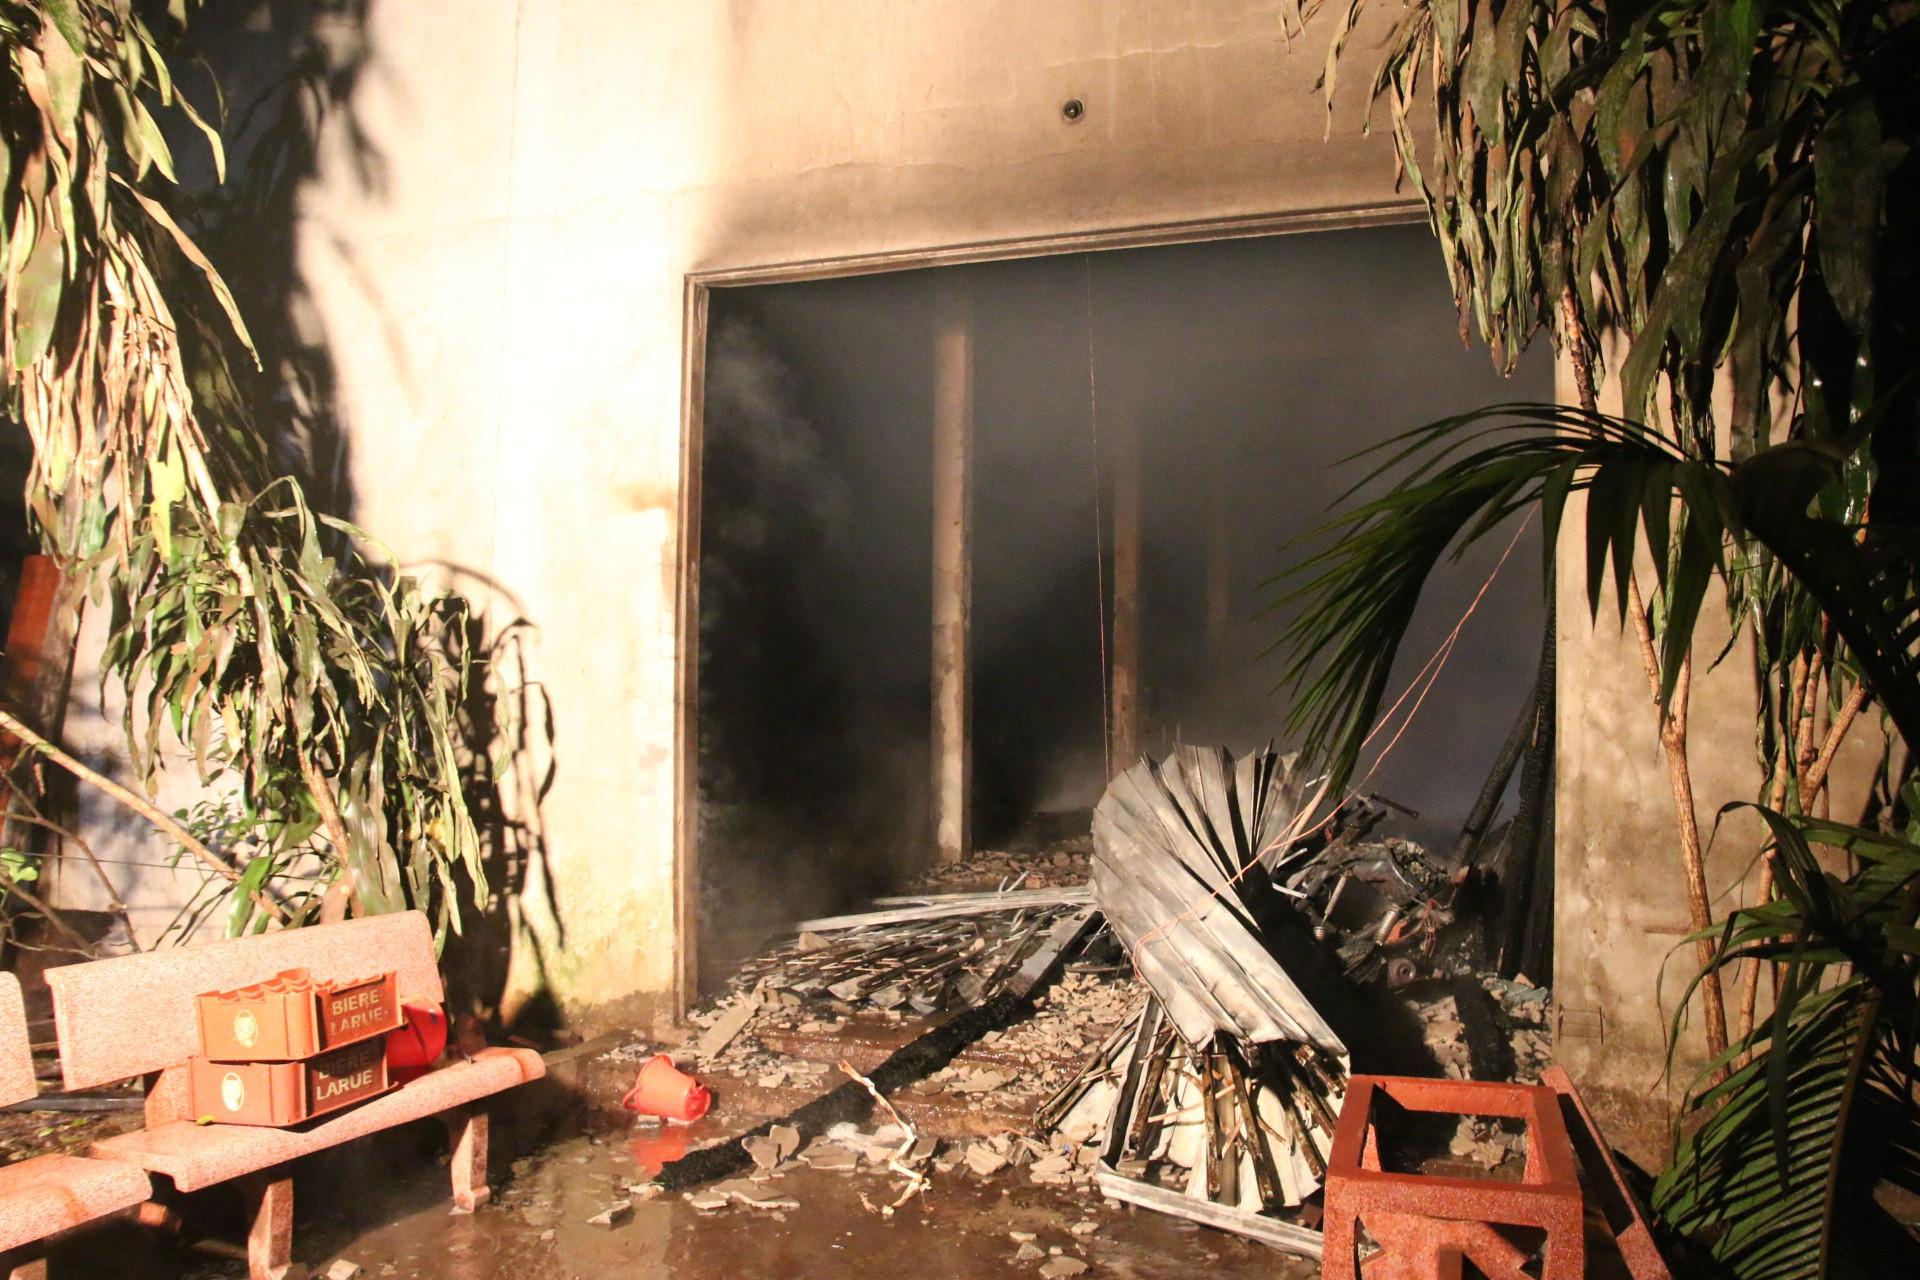 Đà Nẵng: Cháy lớn tại xưởng gỗ, hàng trăm cảnh sát PCCC được huy động dập lửa - Ảnh 2.